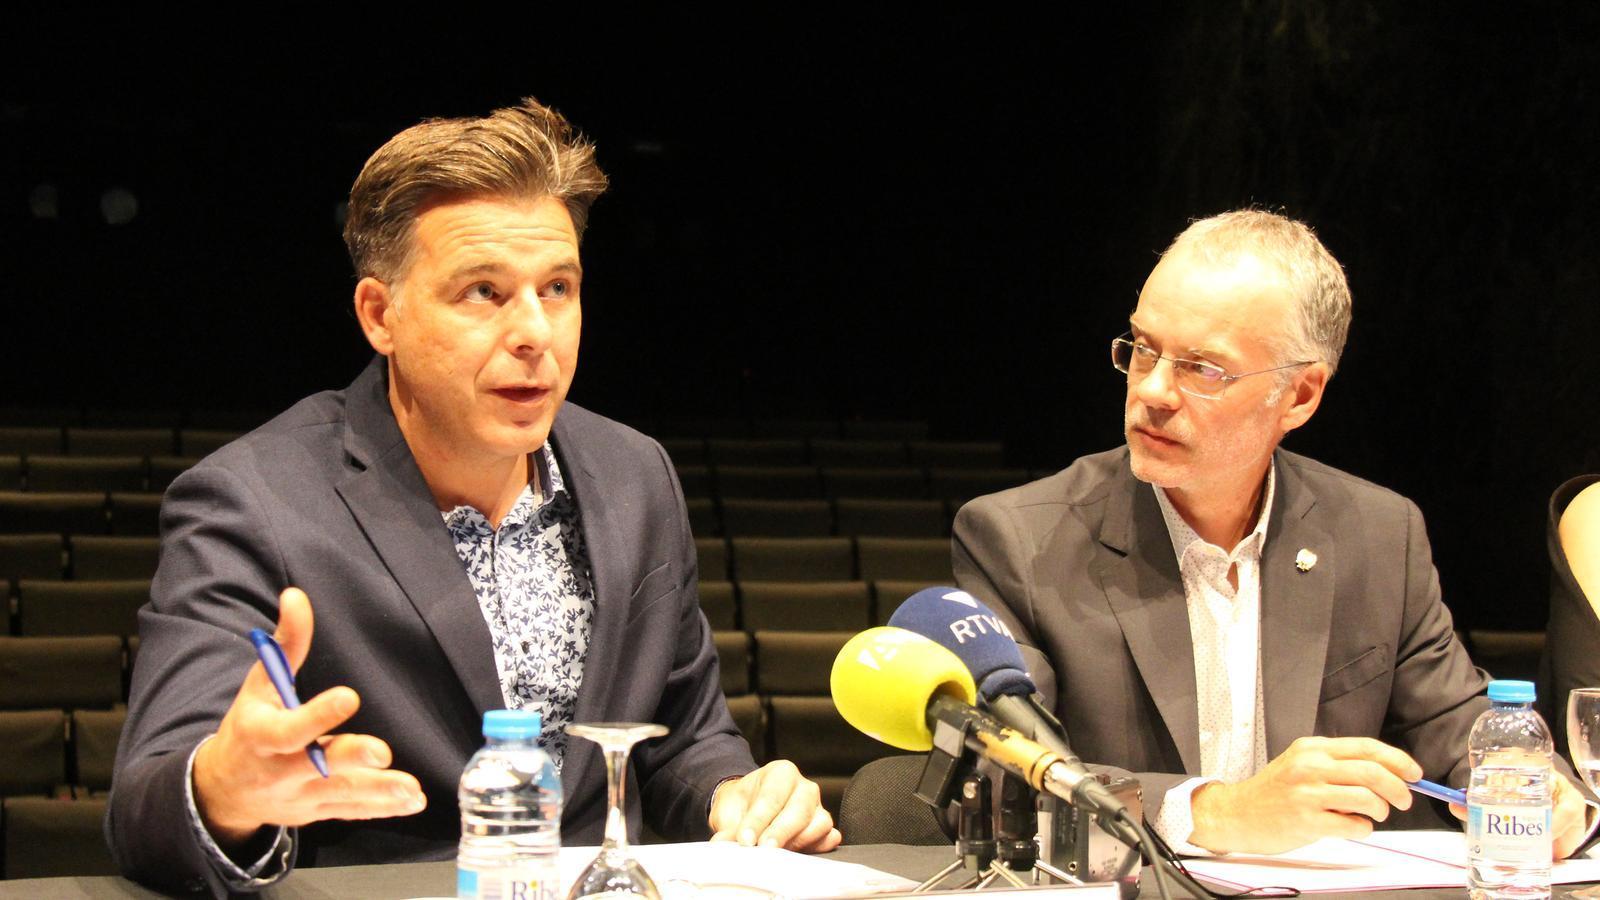 El cònsol menor d'Andorra la Vella, Marc Pons, i el conseller de Cultura del comú de Sant Julià, Josep Roig, presenten la 53a Temporada de teatre. / C.G. (ANA)